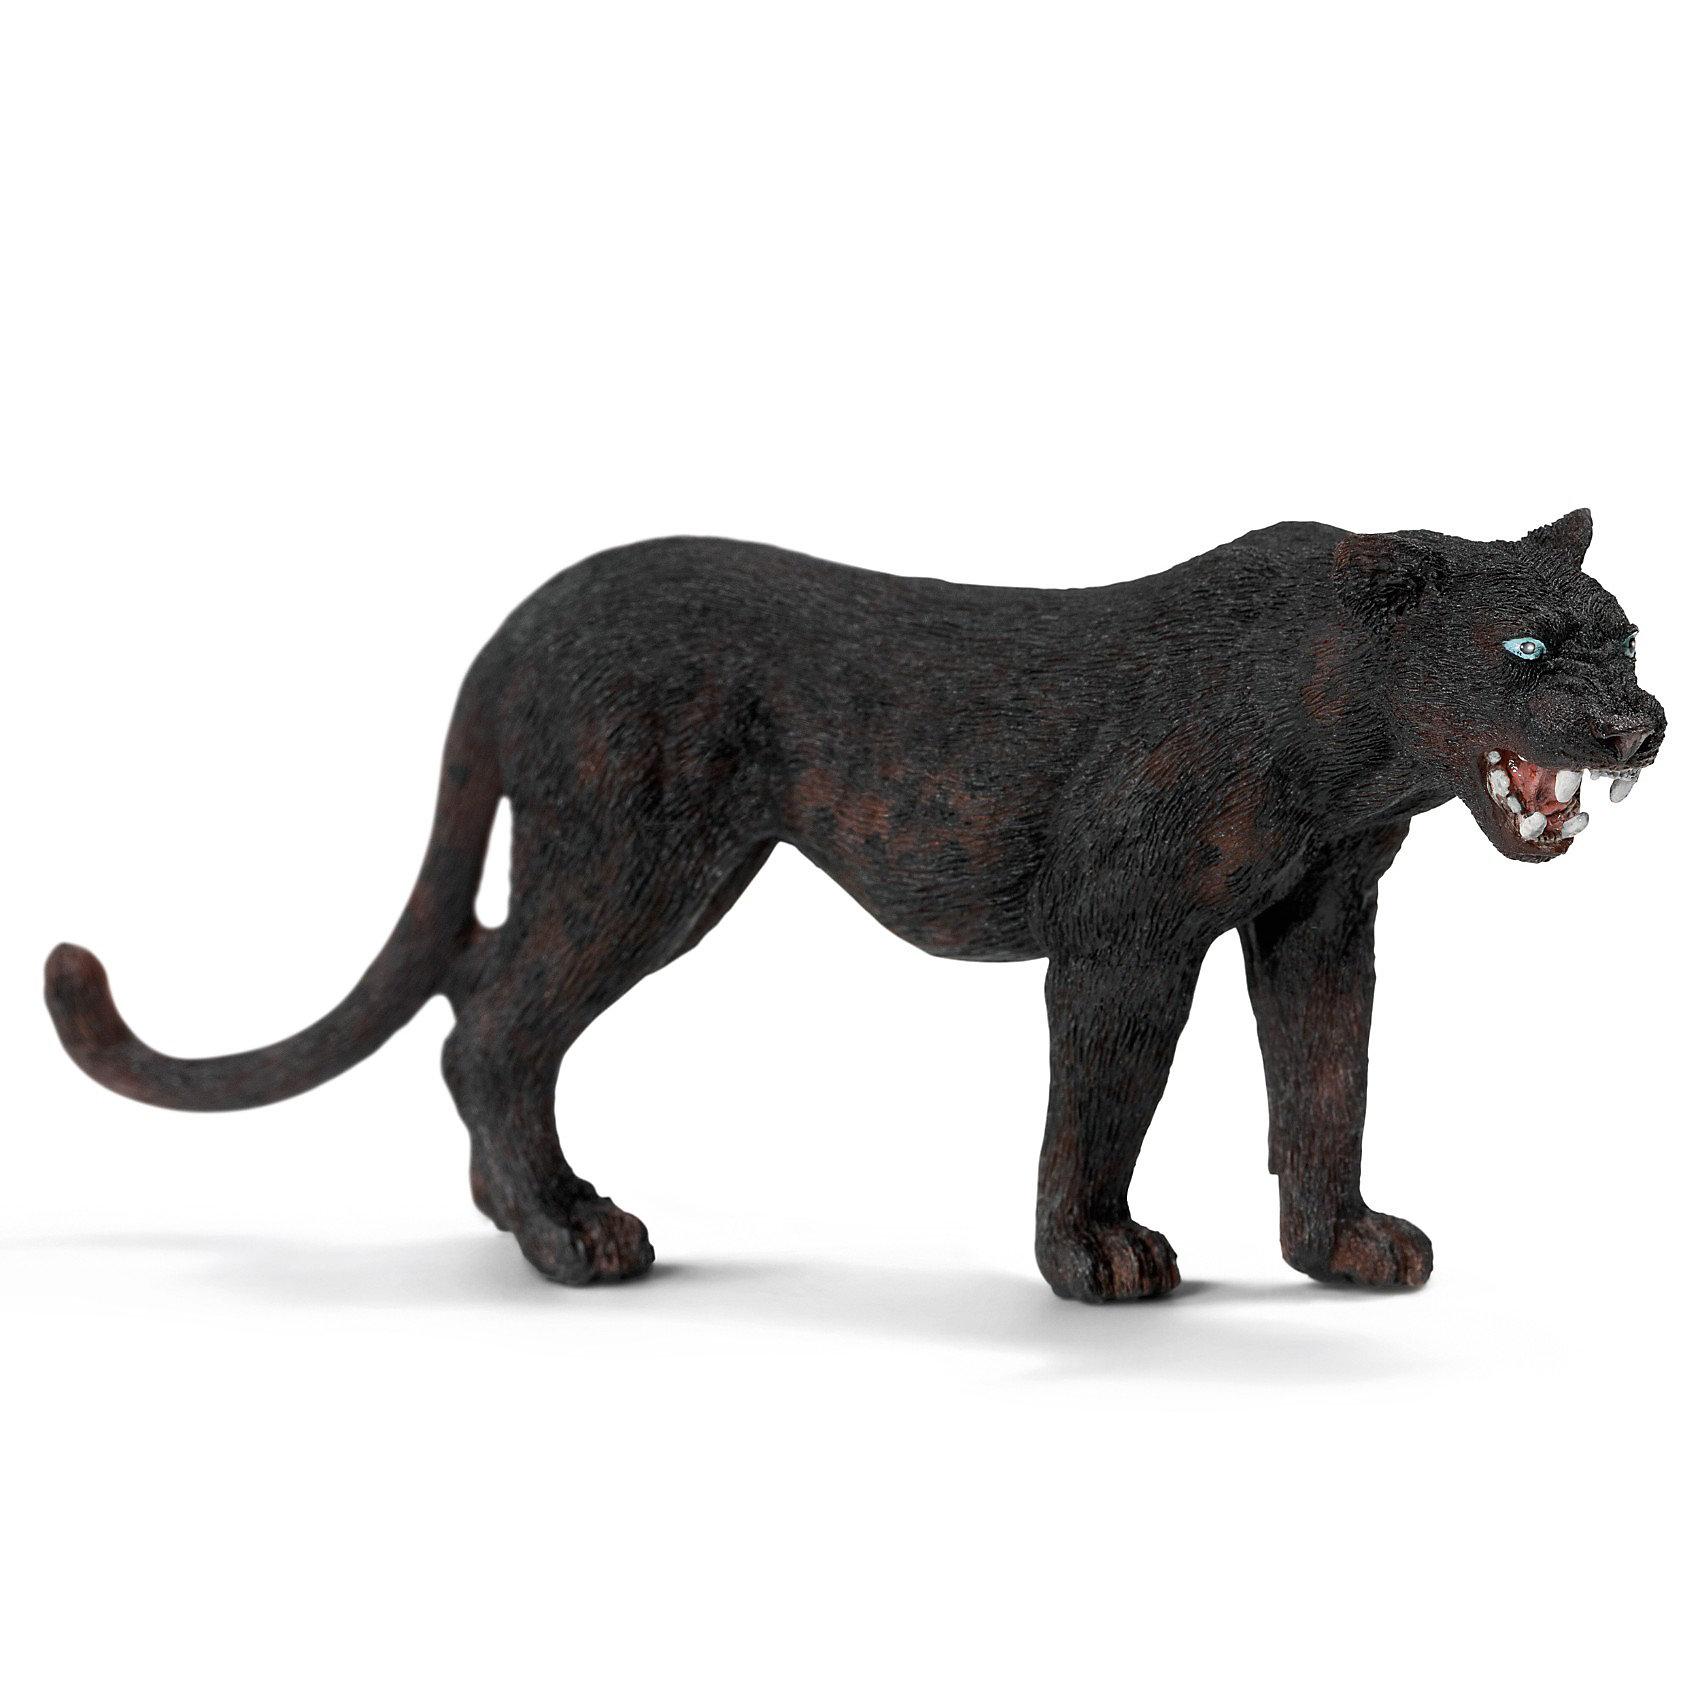 Schleich Schleich Черная пантера. Серия Дикие животные schleich schleich кенгуру серия дикие животные